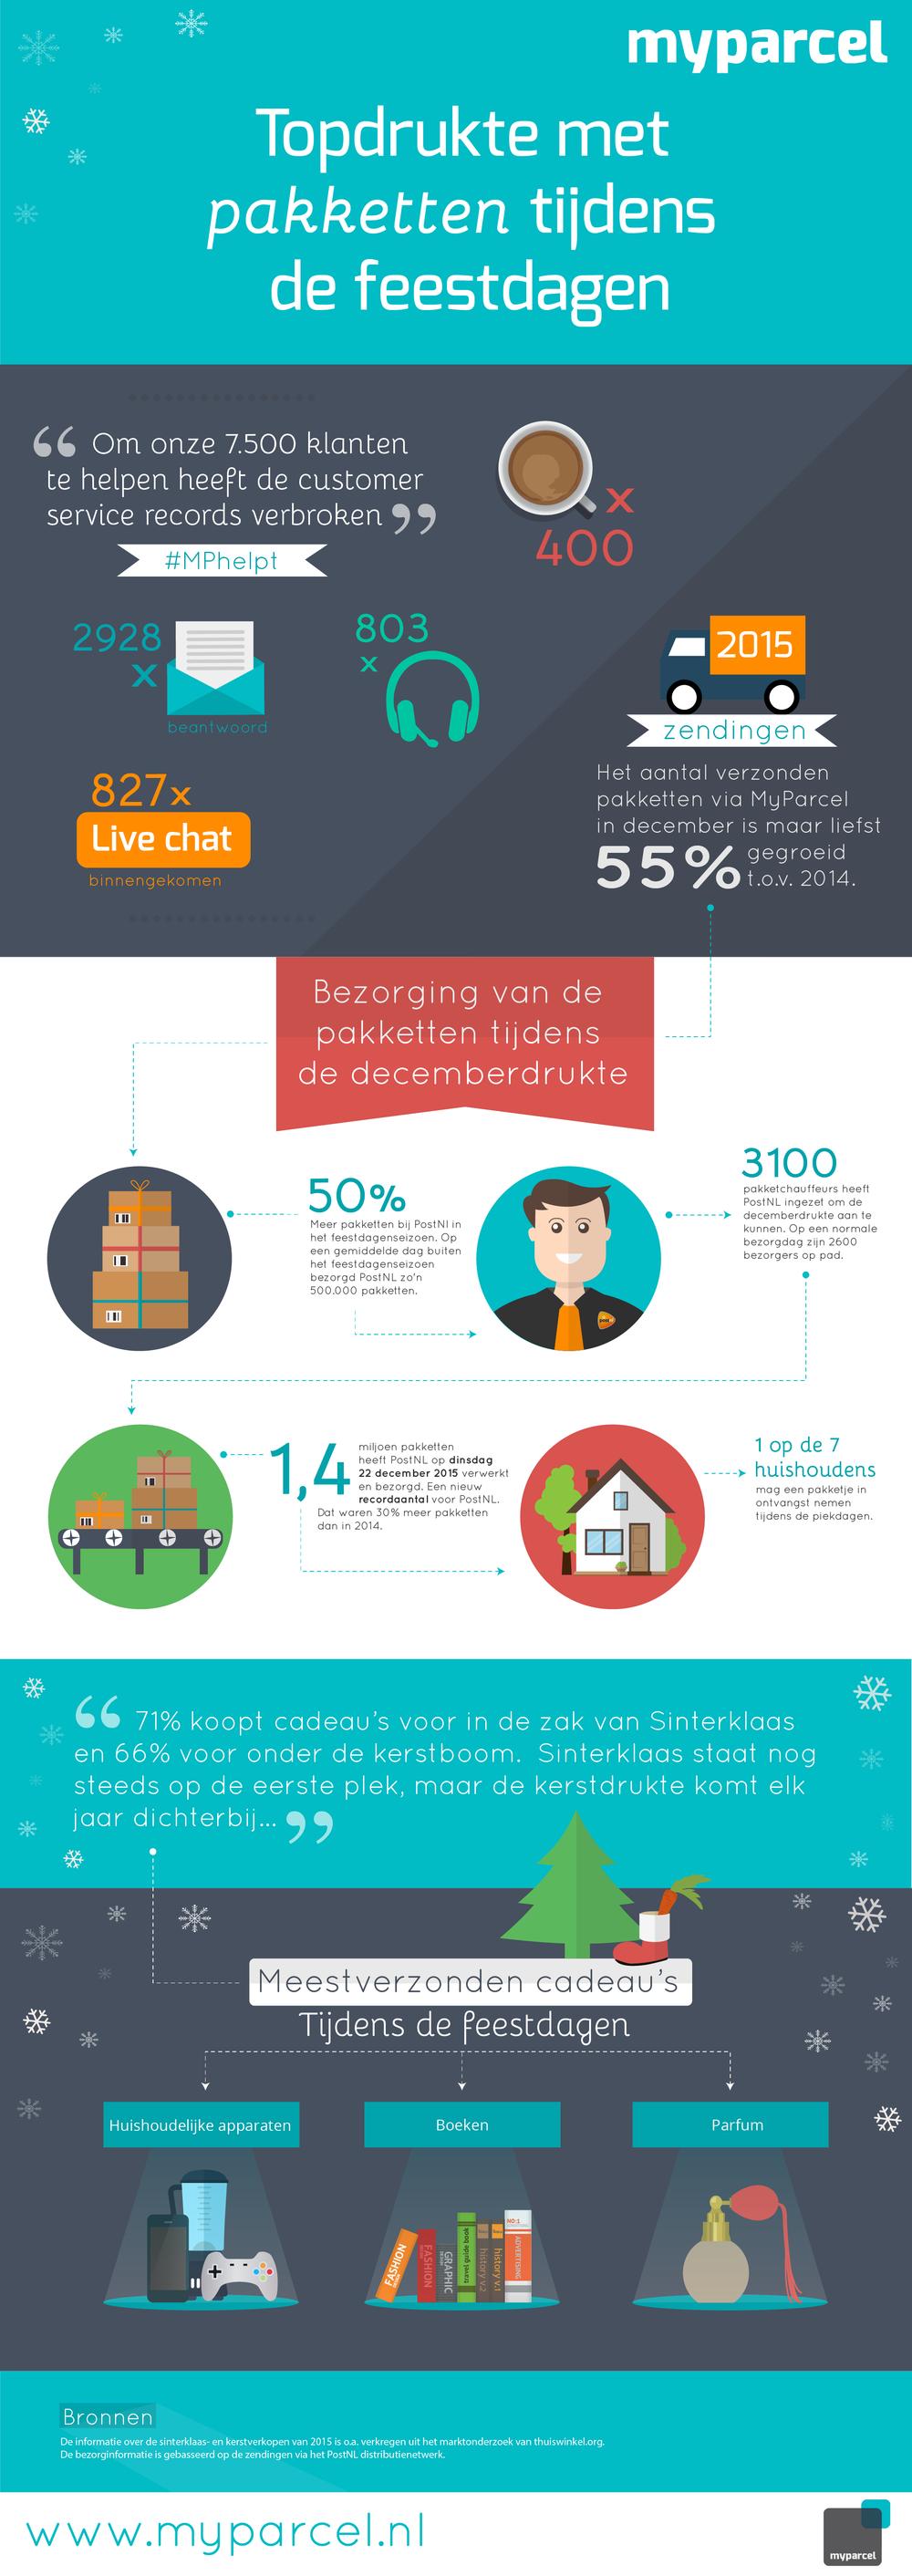 Topdrukte met pakketten tijdens de feestdagen 2015, infographic